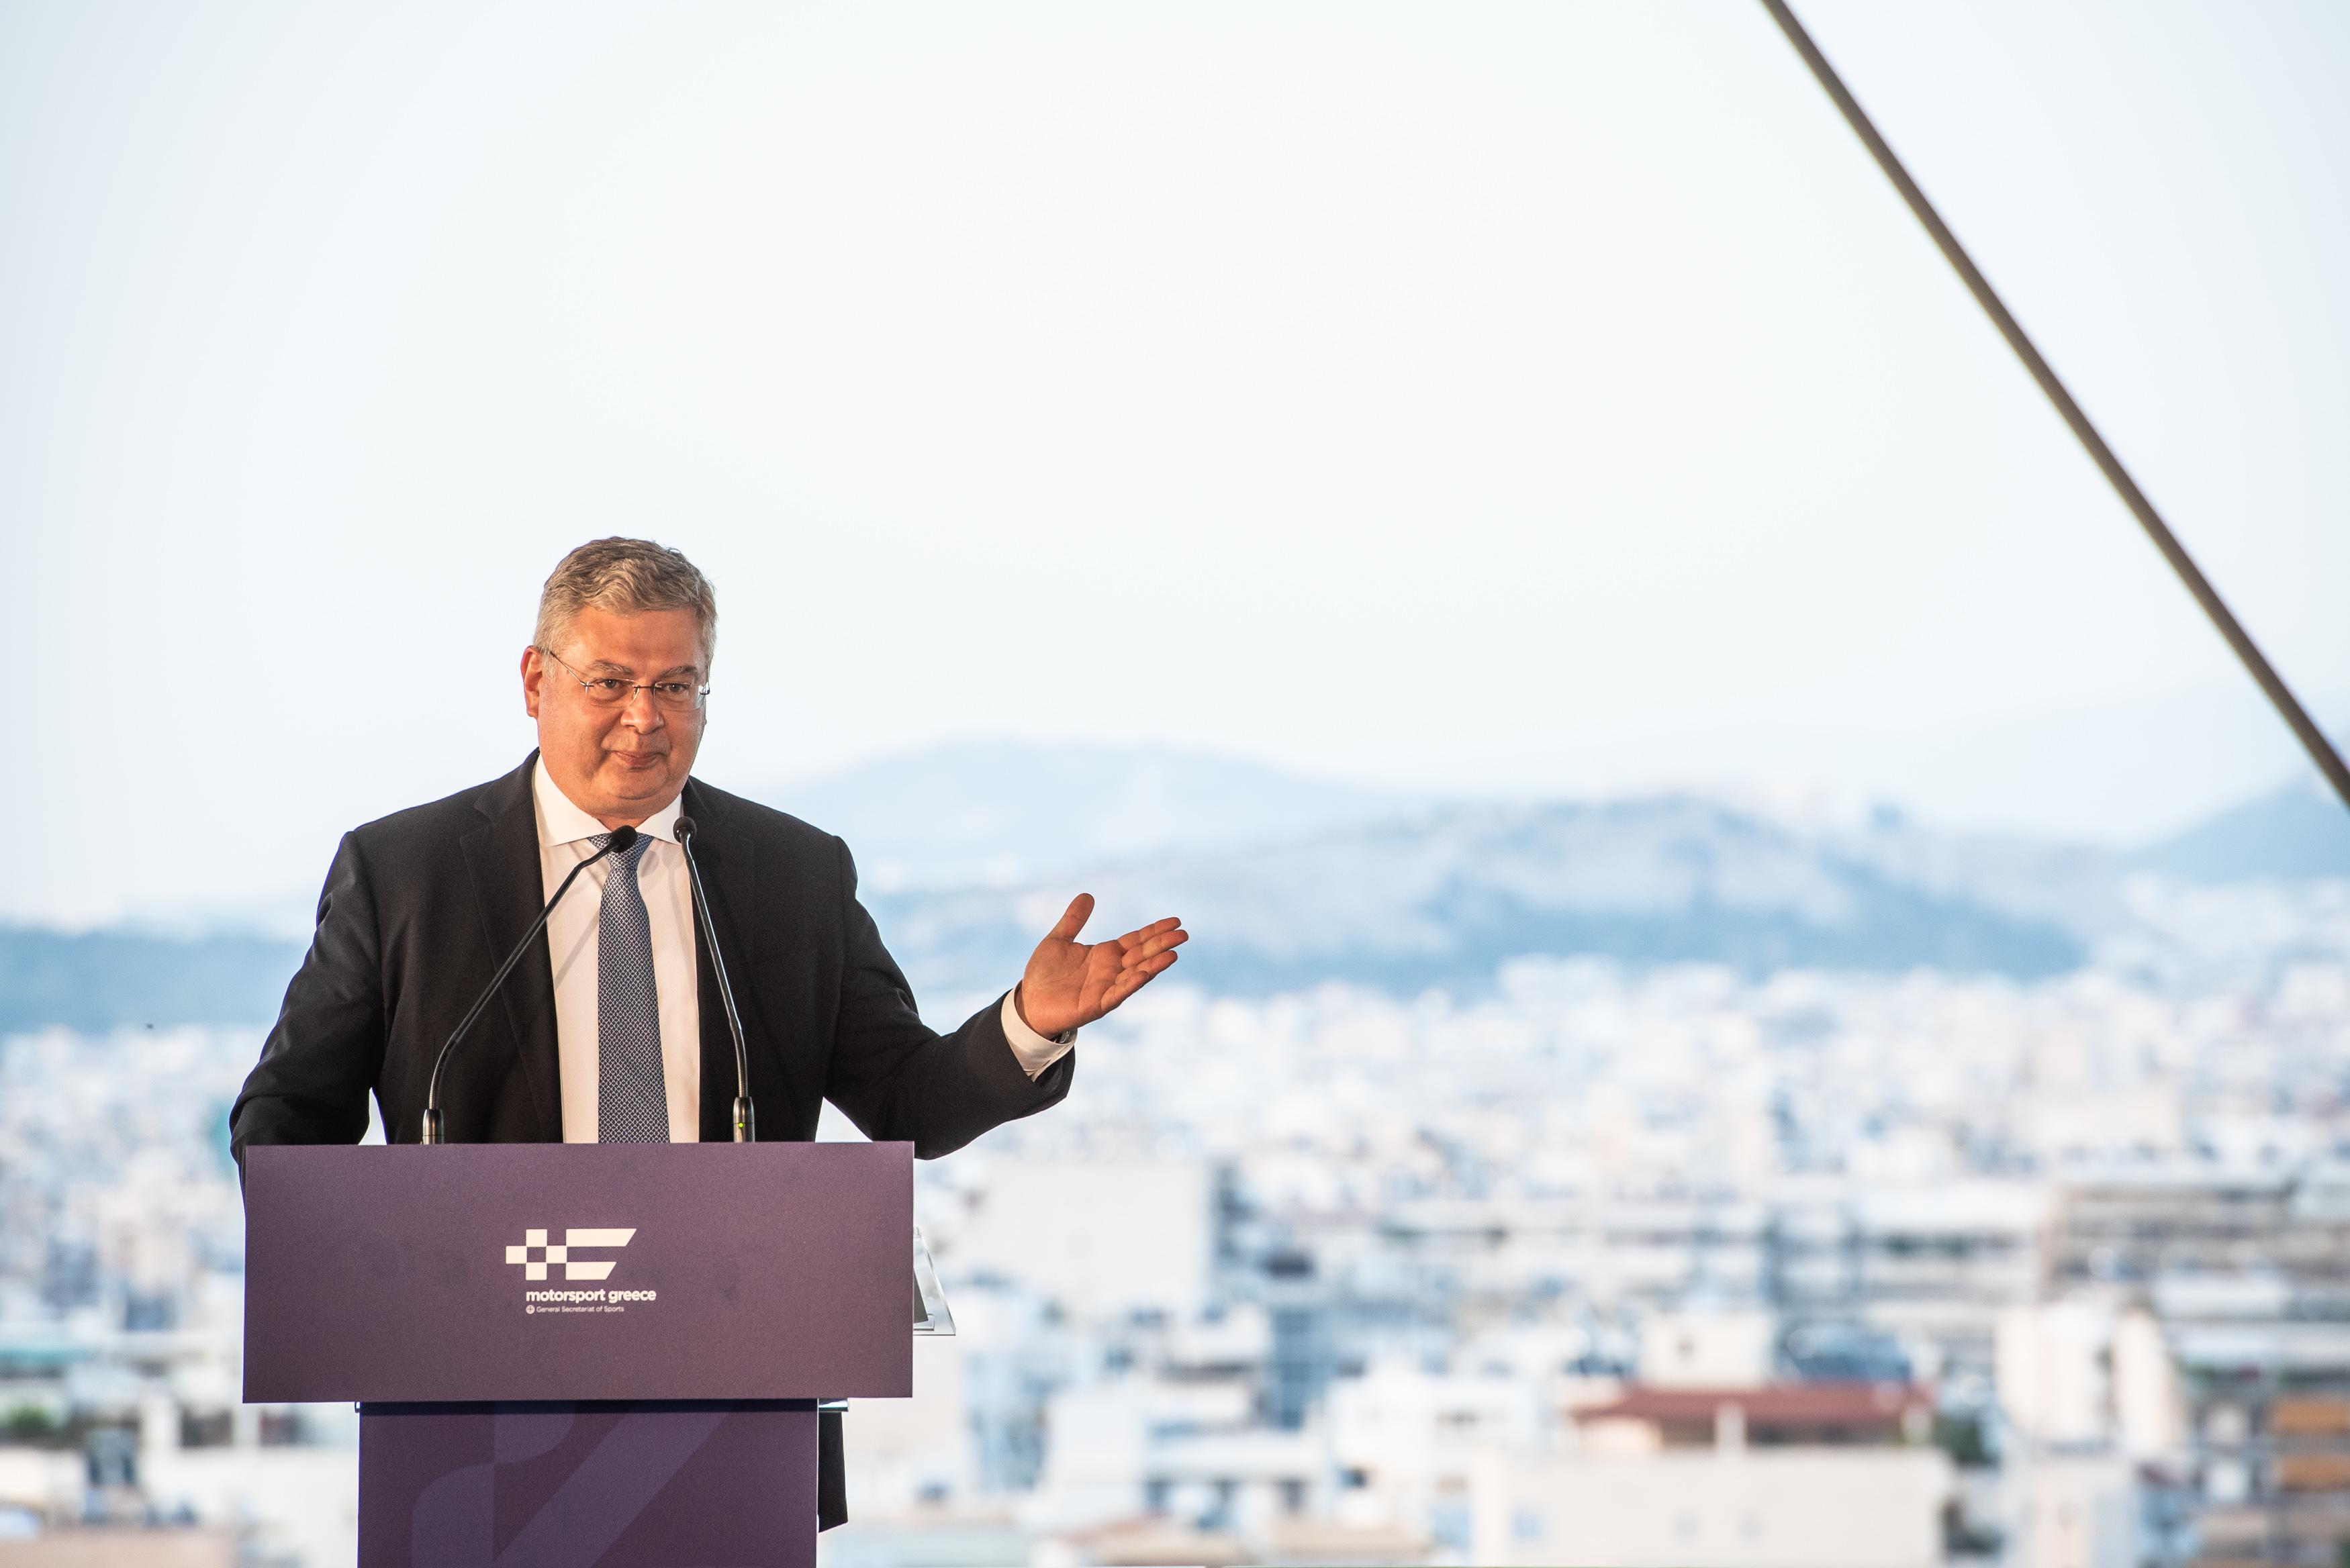 ANDREAS SHIAMISHIS;EKO RALLY ACROPOLIS 2021